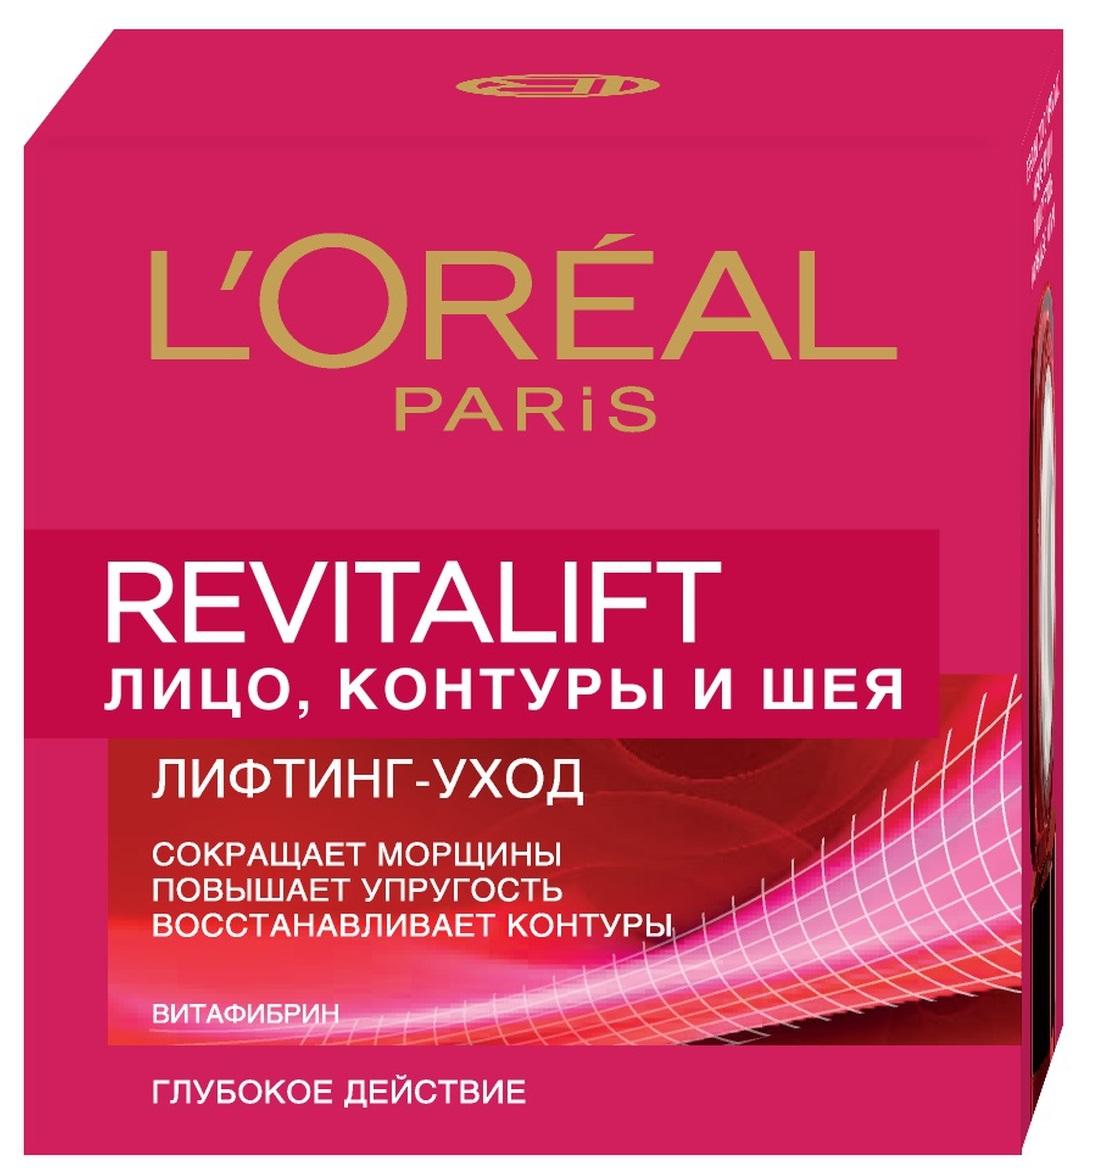 Купить Крем для контура лица и шеи L`Oreal Paris Dermo-Expertise Revitalift 50 мл, revitalif 50 мл, L'Oreal Paris